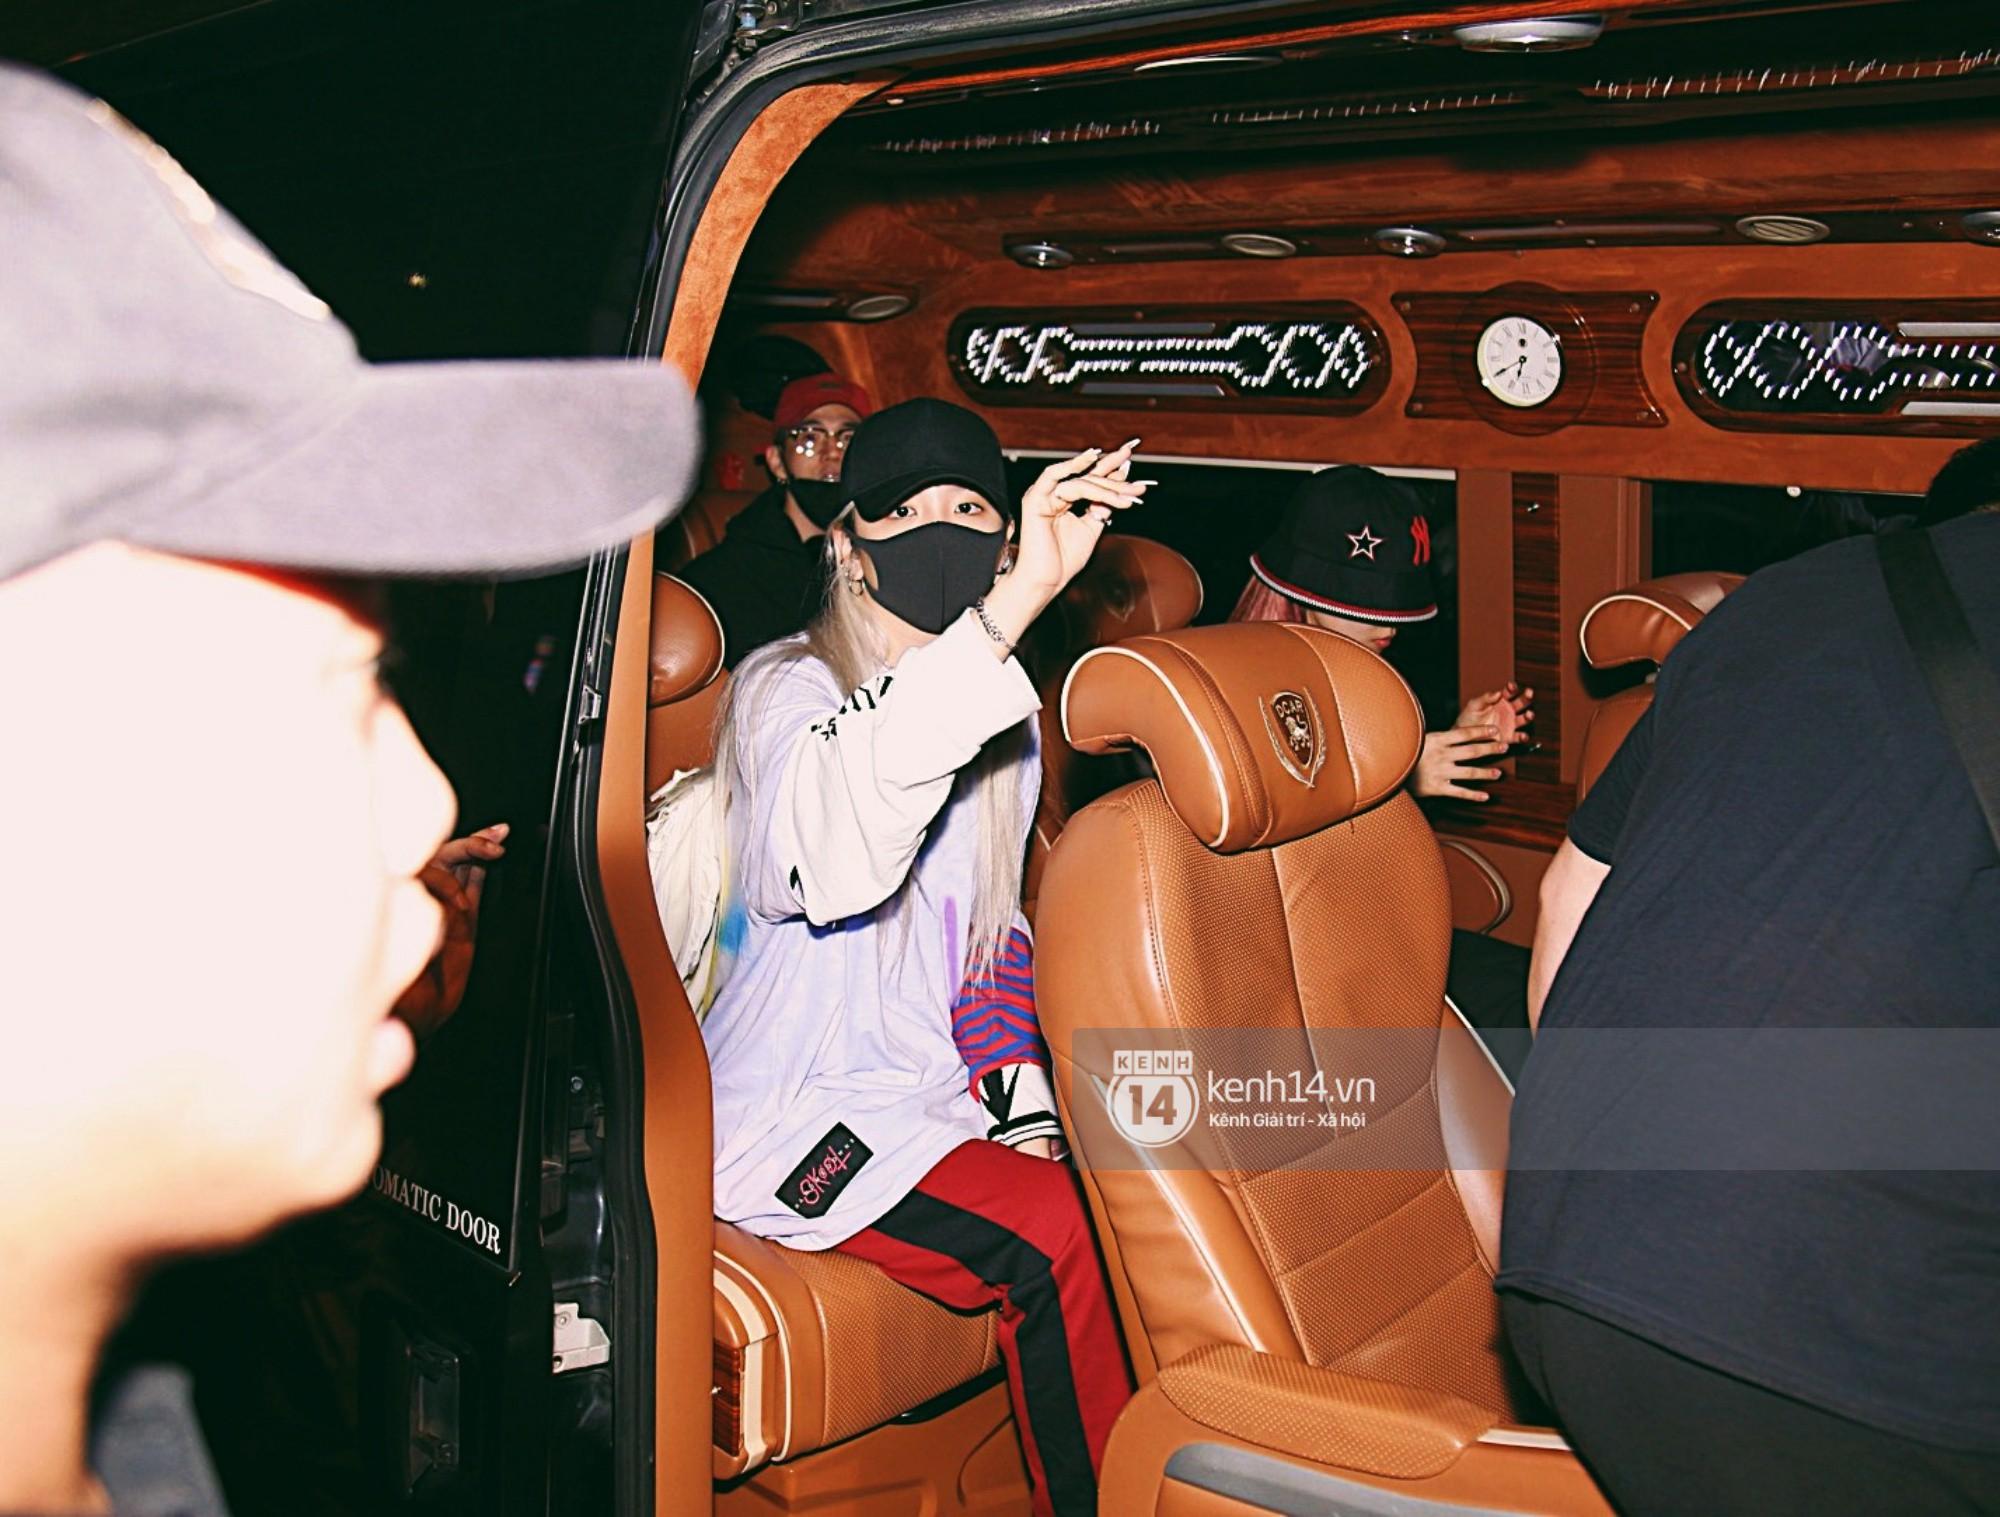 Dàn idol Kpop khiến sân bay Tân Sơn Nhất nổ tung giữa đêm: Mỹ nam Wanna One trắng bật tông, KARD há hốc vì biển fan - Ảnh 11.